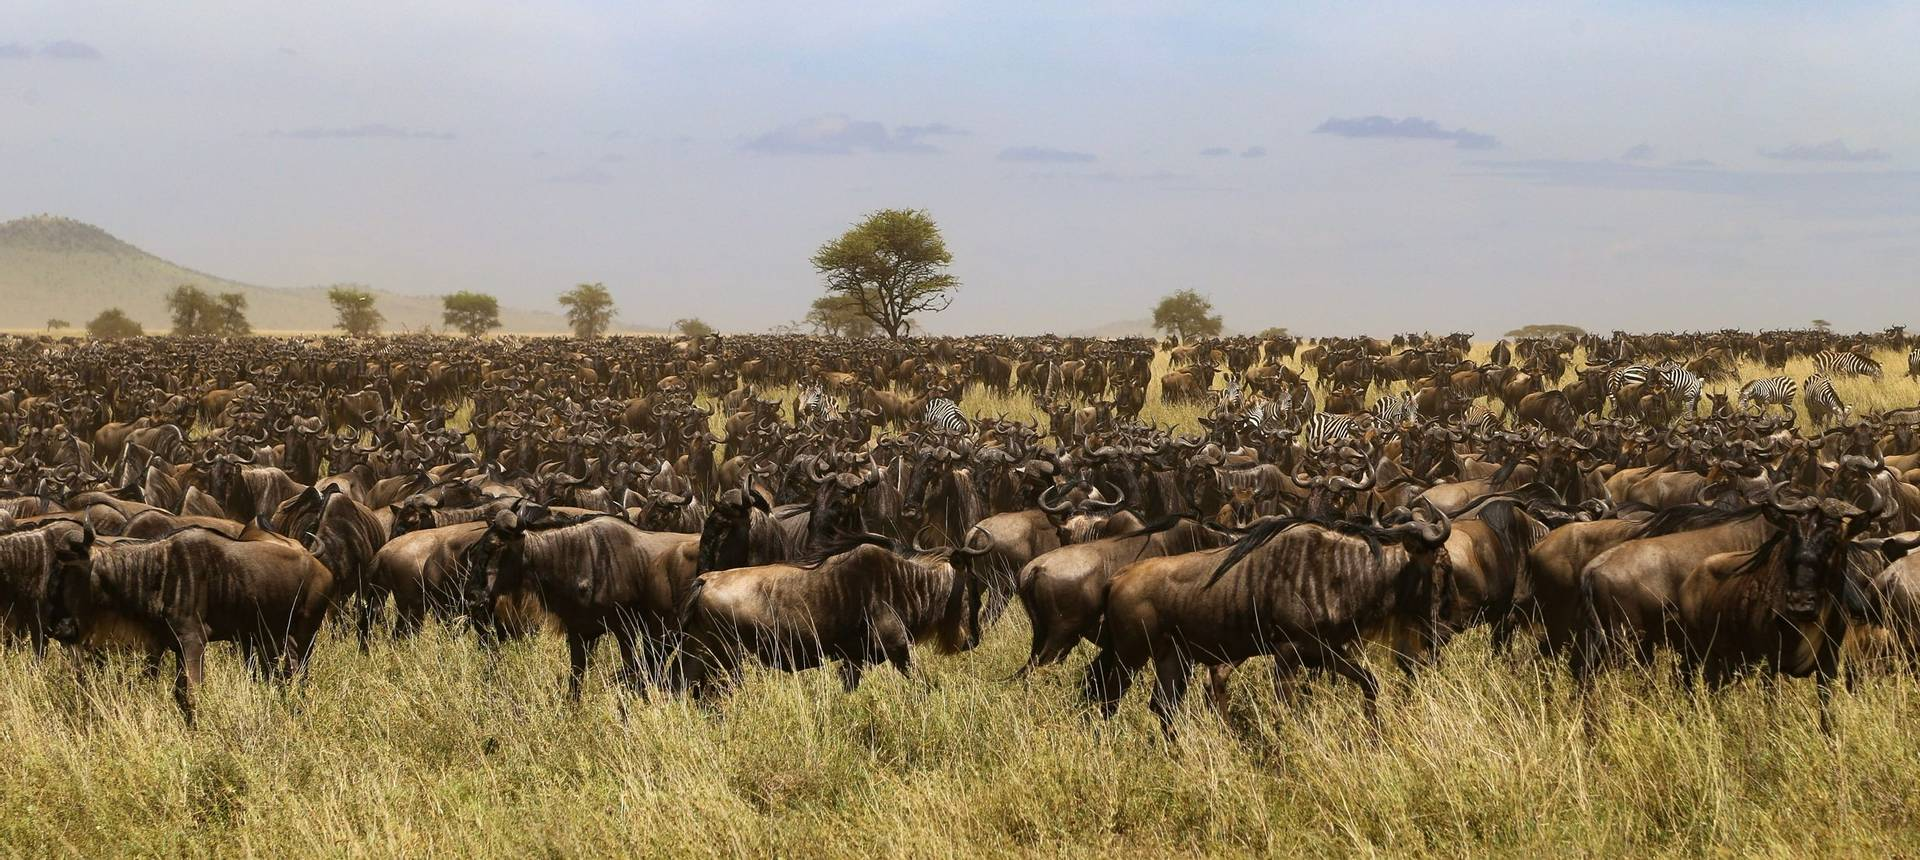 Wildebeest, Tanzania Shutterstock 1019990134